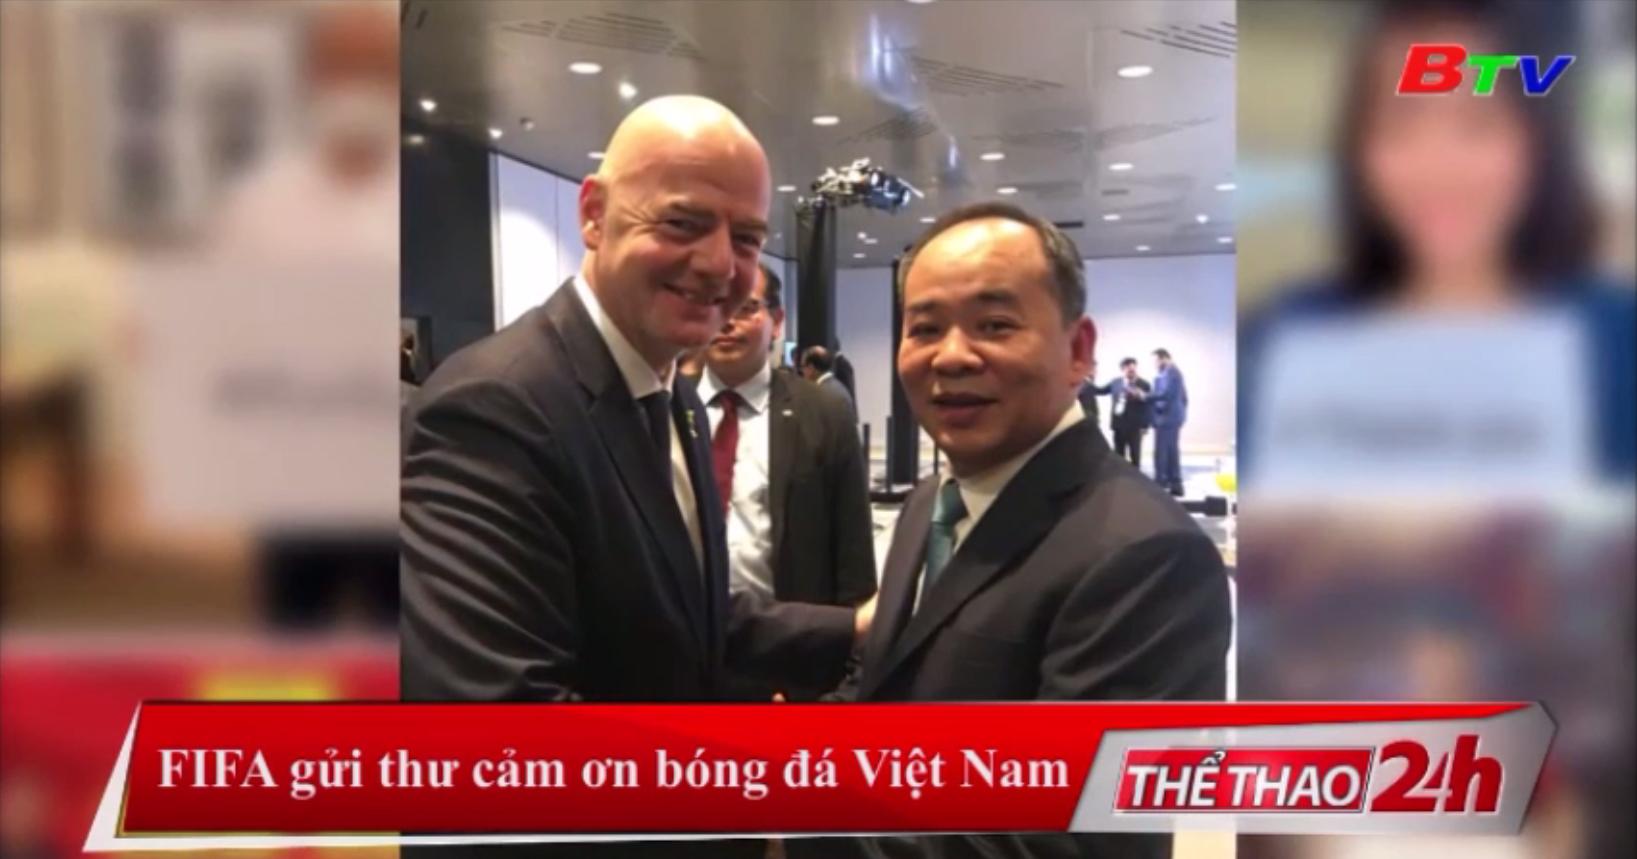 FIFA gửi thư cảm ơn bóng đá Việt Nam